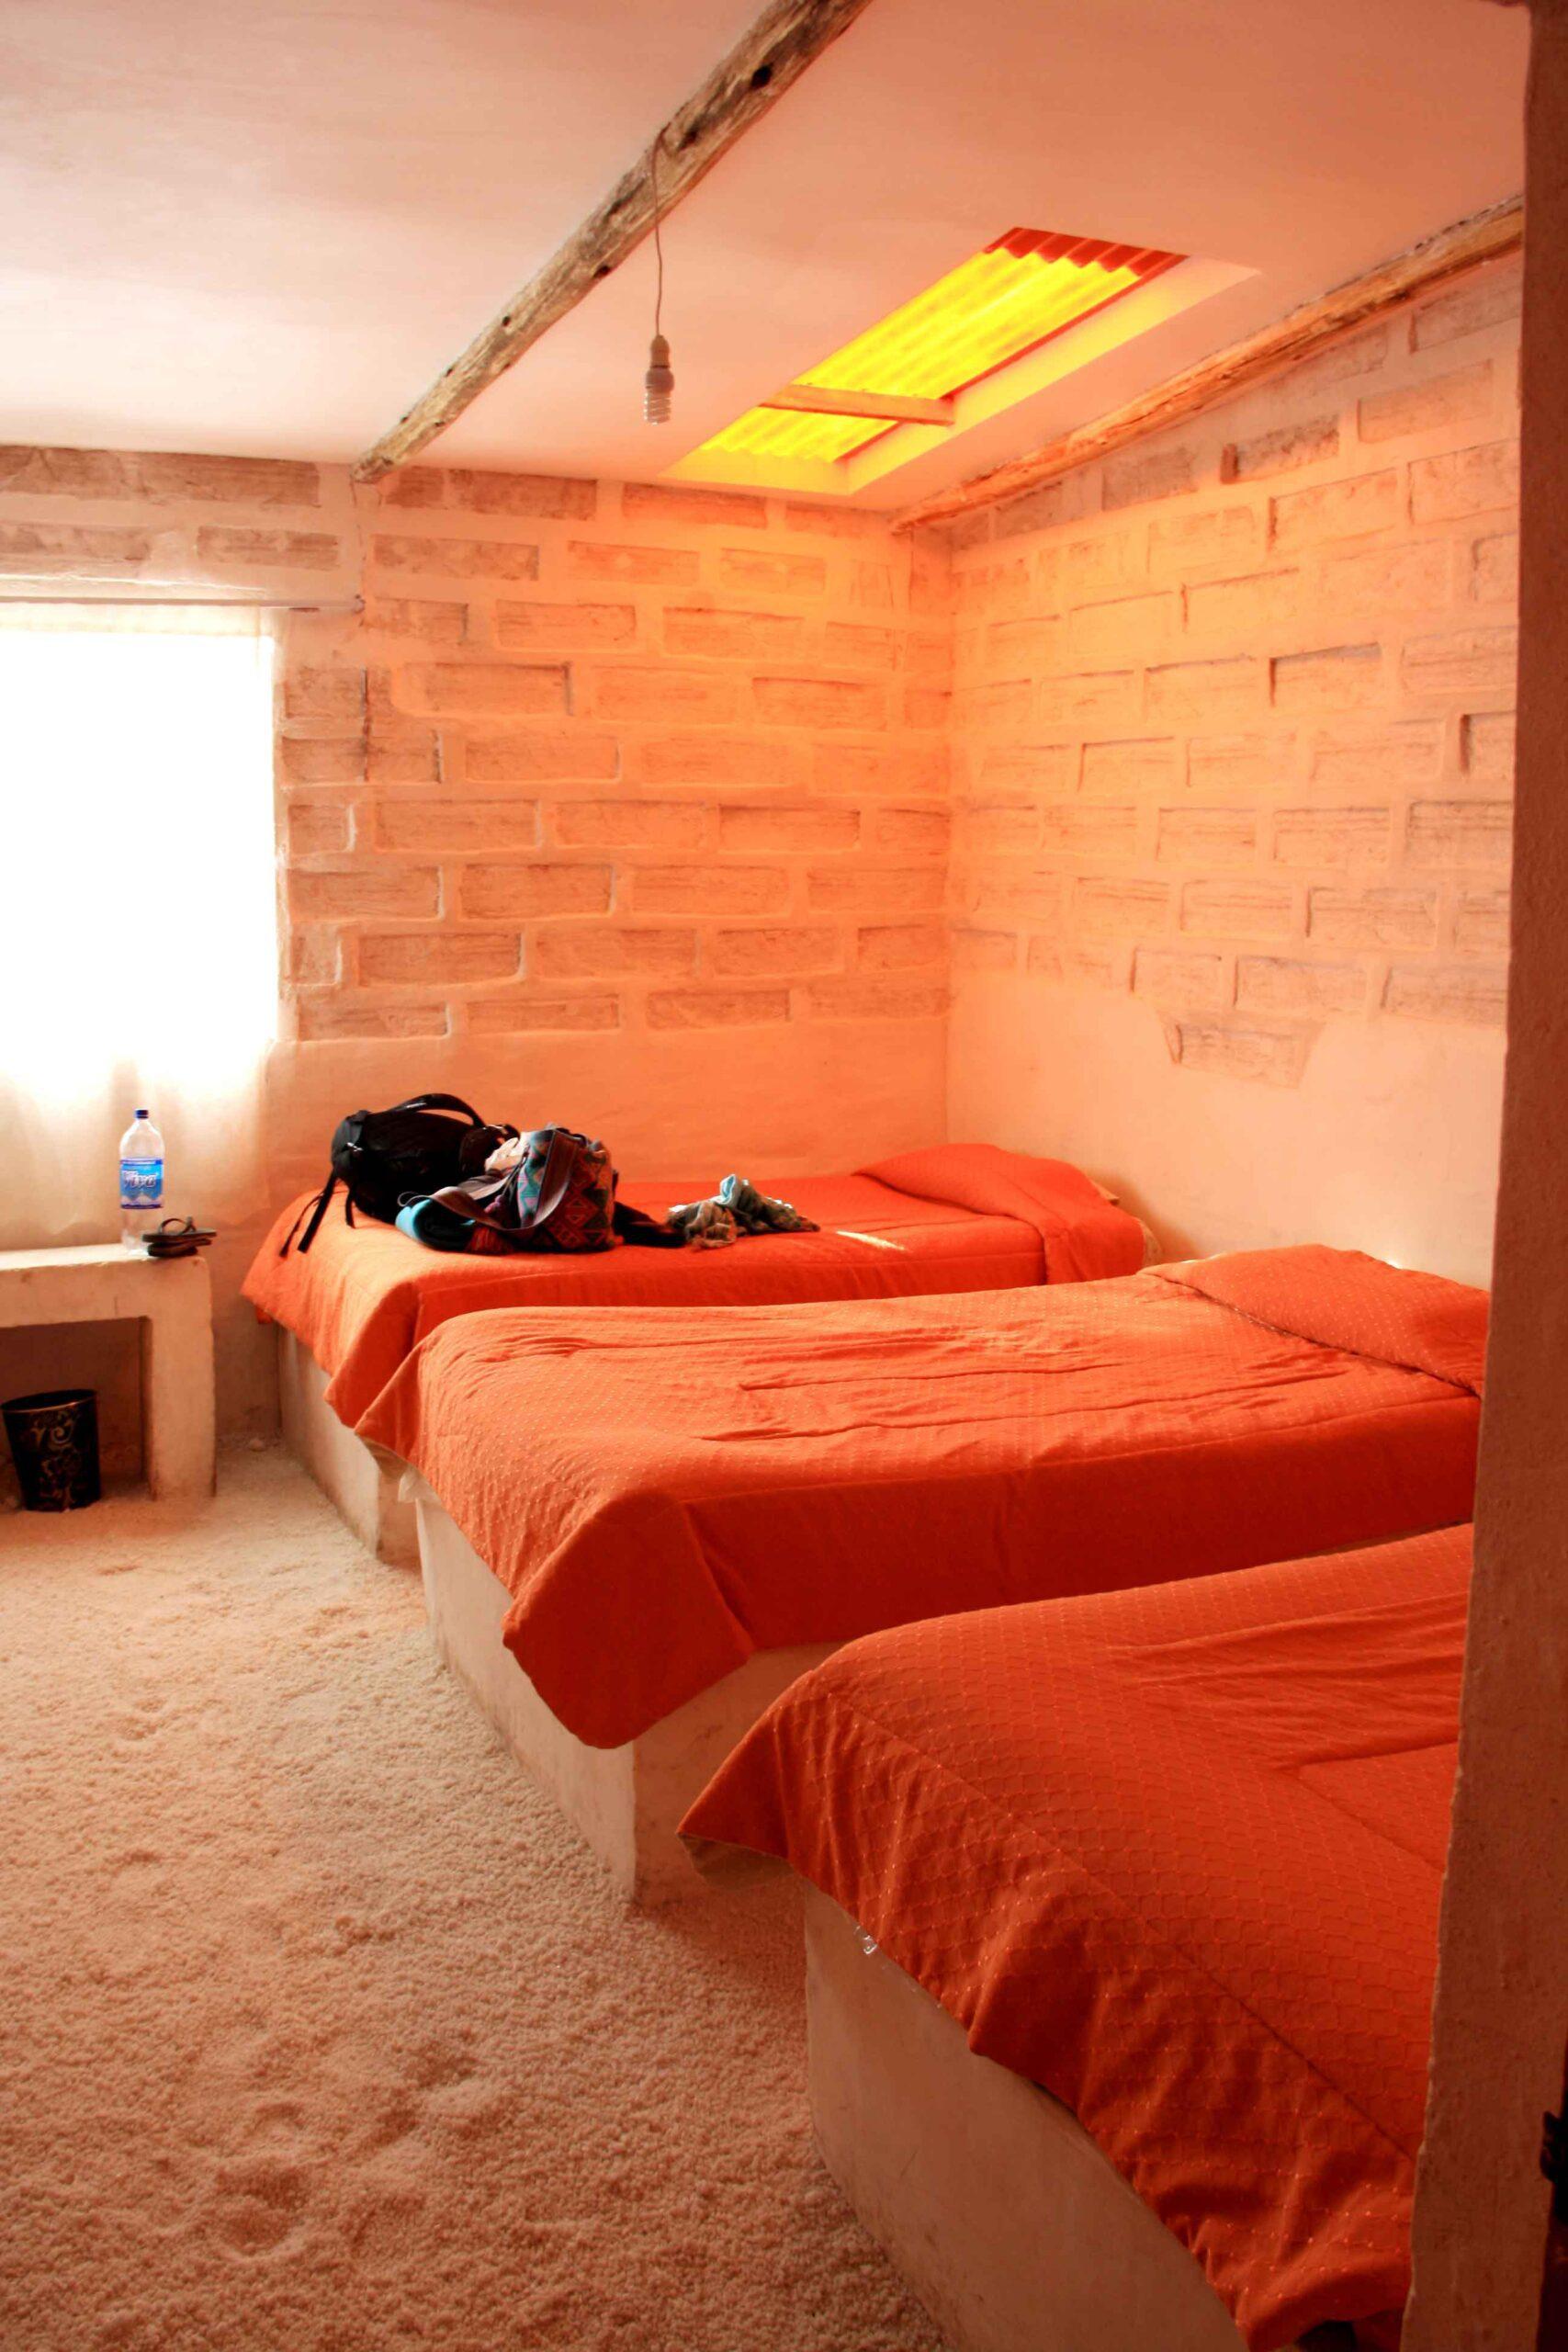 Salt hotel beds made of salt Uyuni